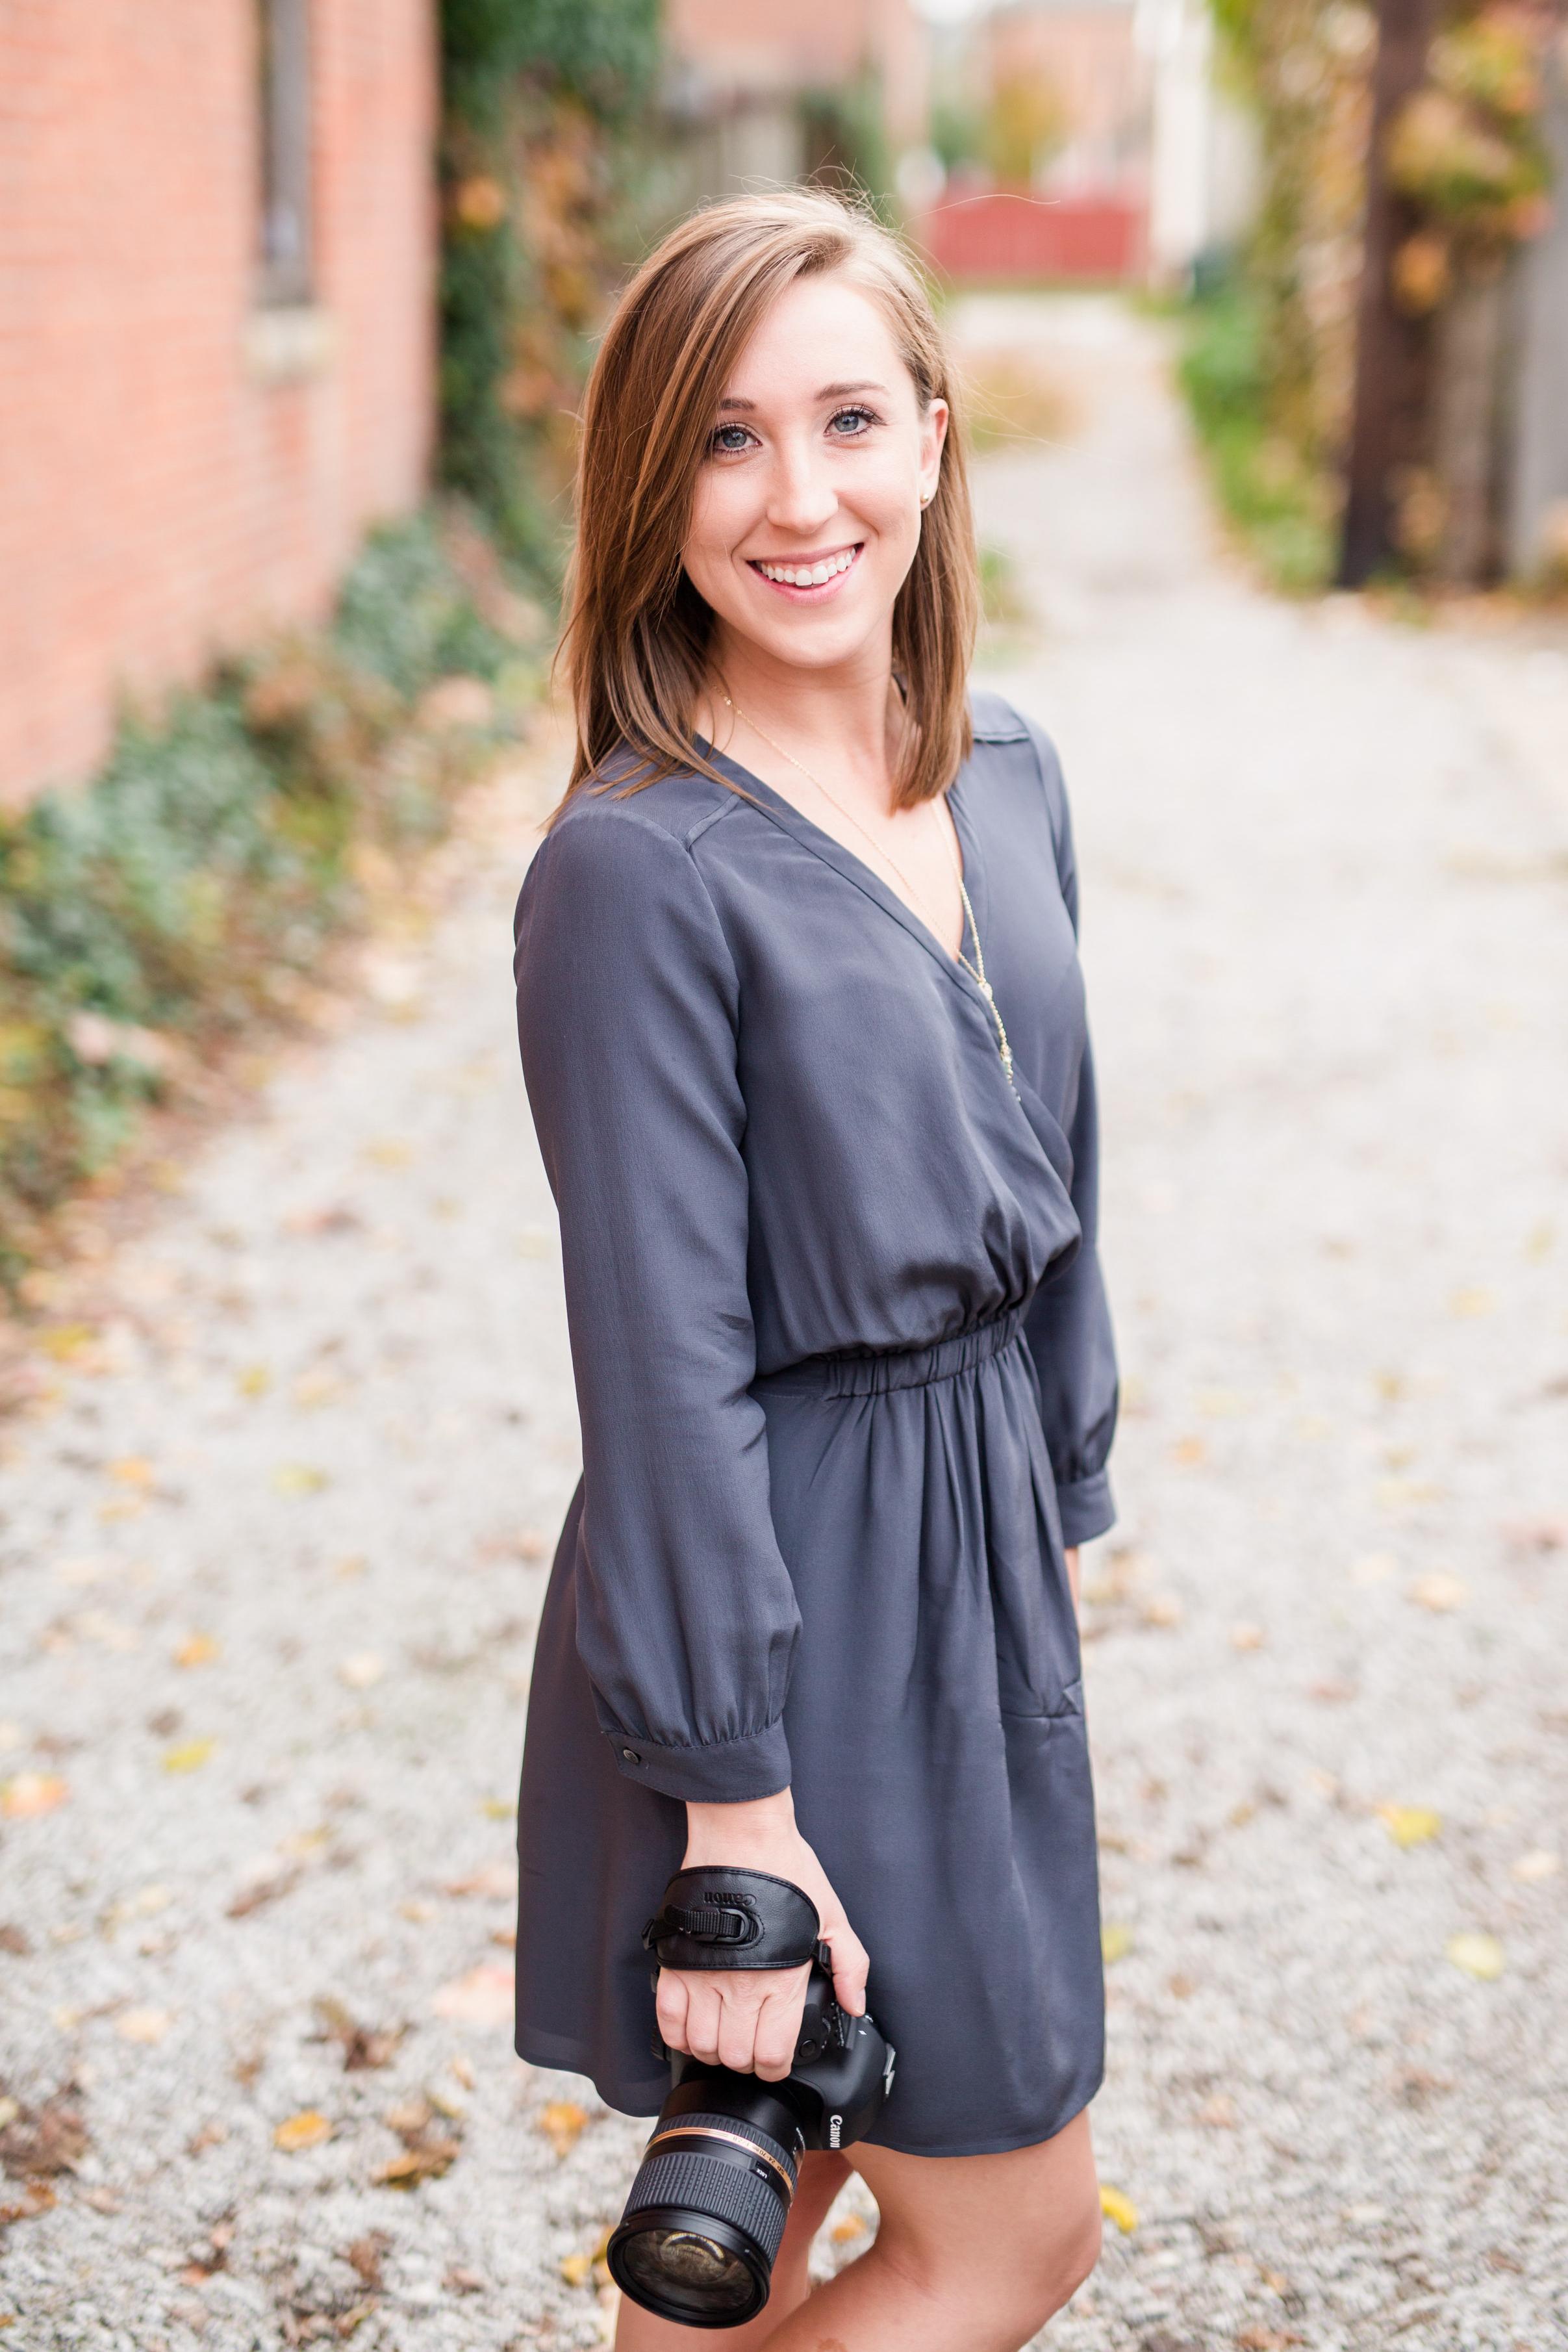 Stephanie Newman Central Ohio Wedding Photographer